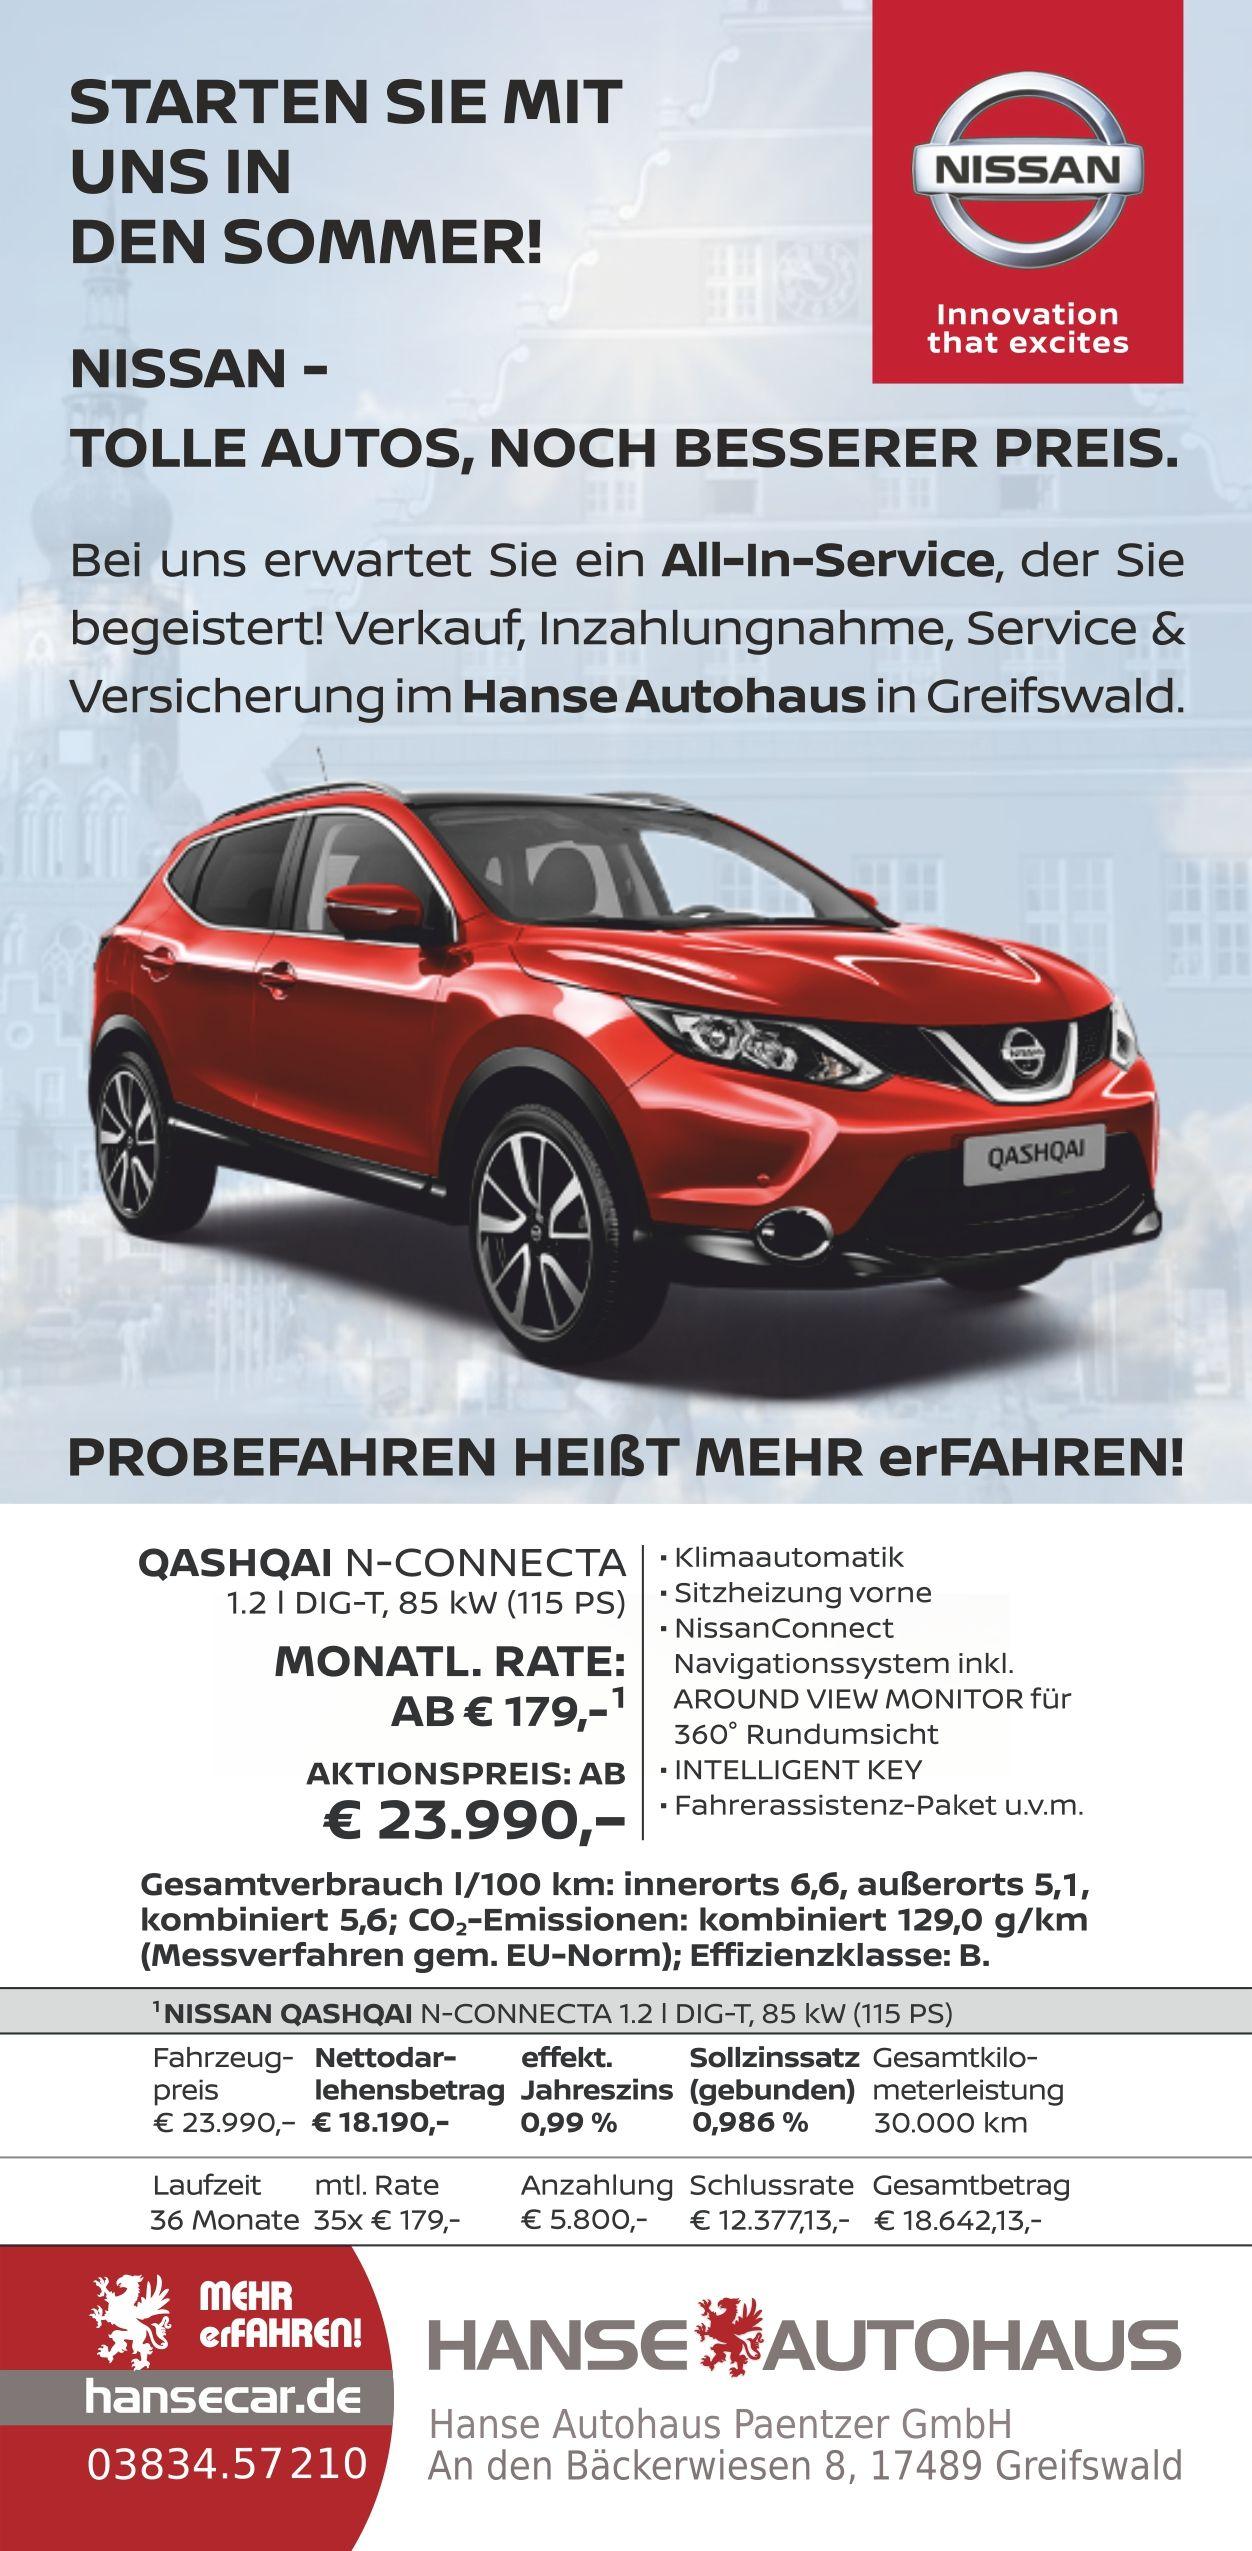 Anzeige Fur Hanse Autohaus In Greifswald NISSAN